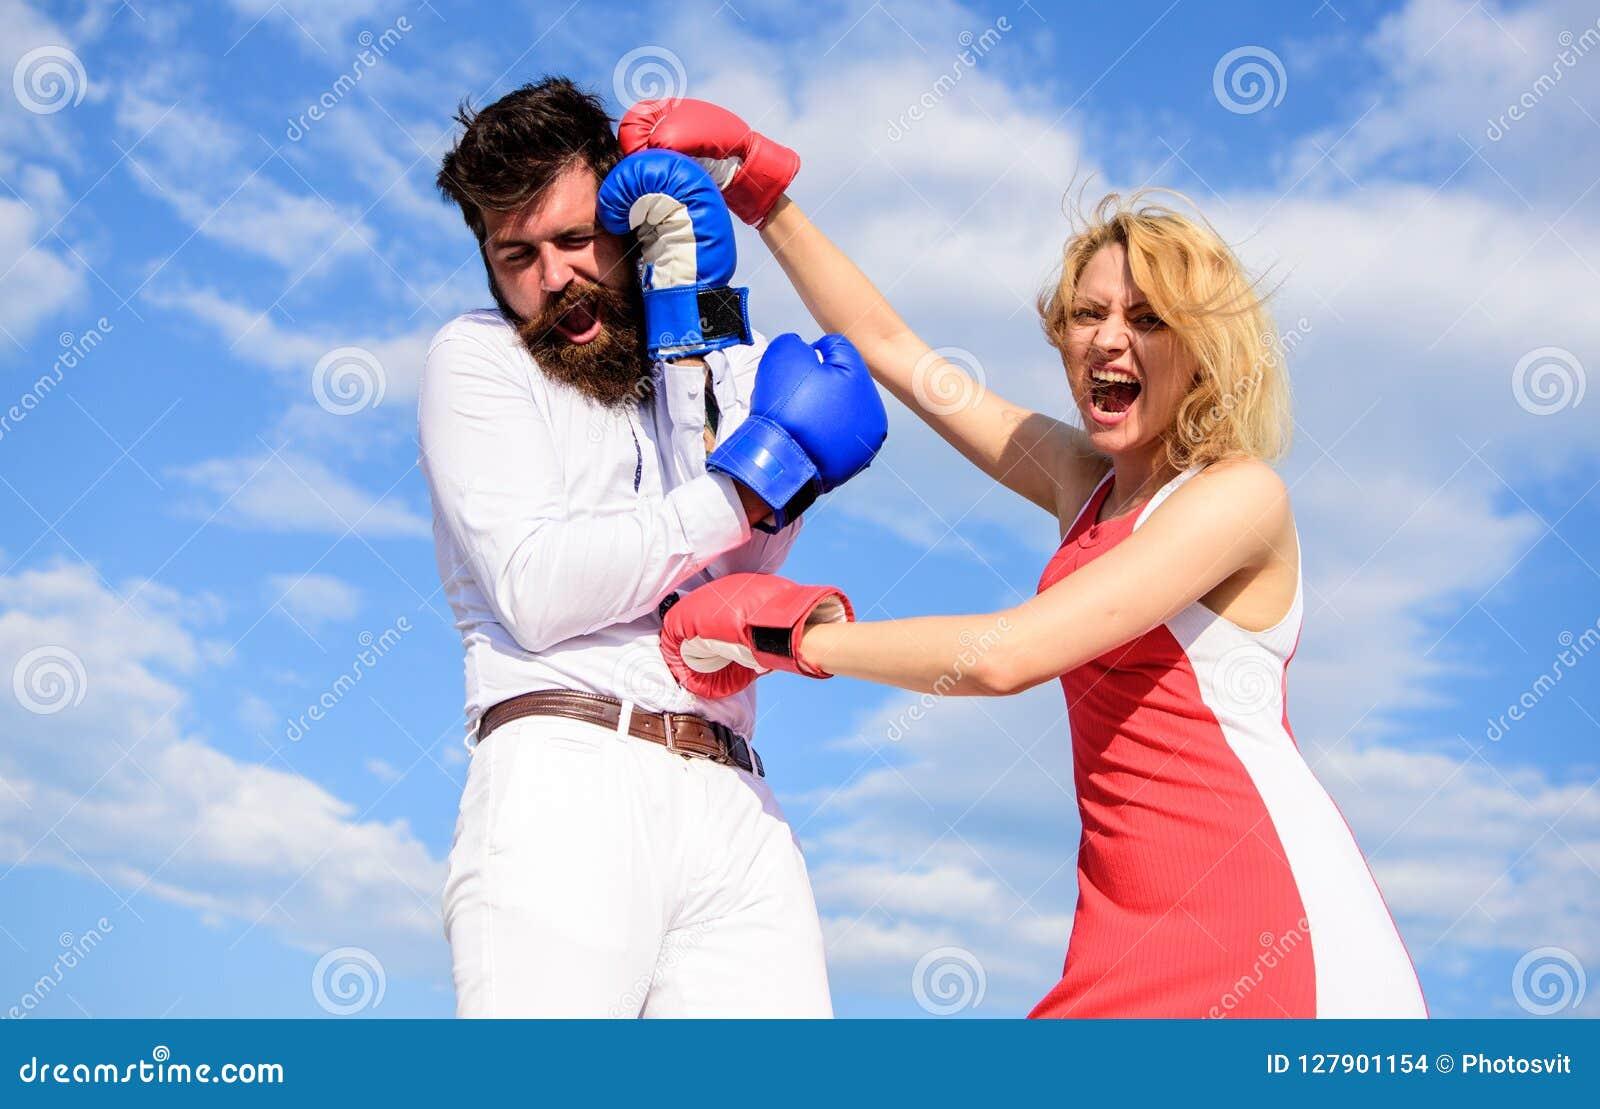 Η επίθεση είναι καλύτερη υπεράσπιση Ερωτευμένη πάλη ζεύγους Υπερασπίστε την άποψή σας στην αντιμετώπιση Εγκιβωτίζοντας γάντια πάλ